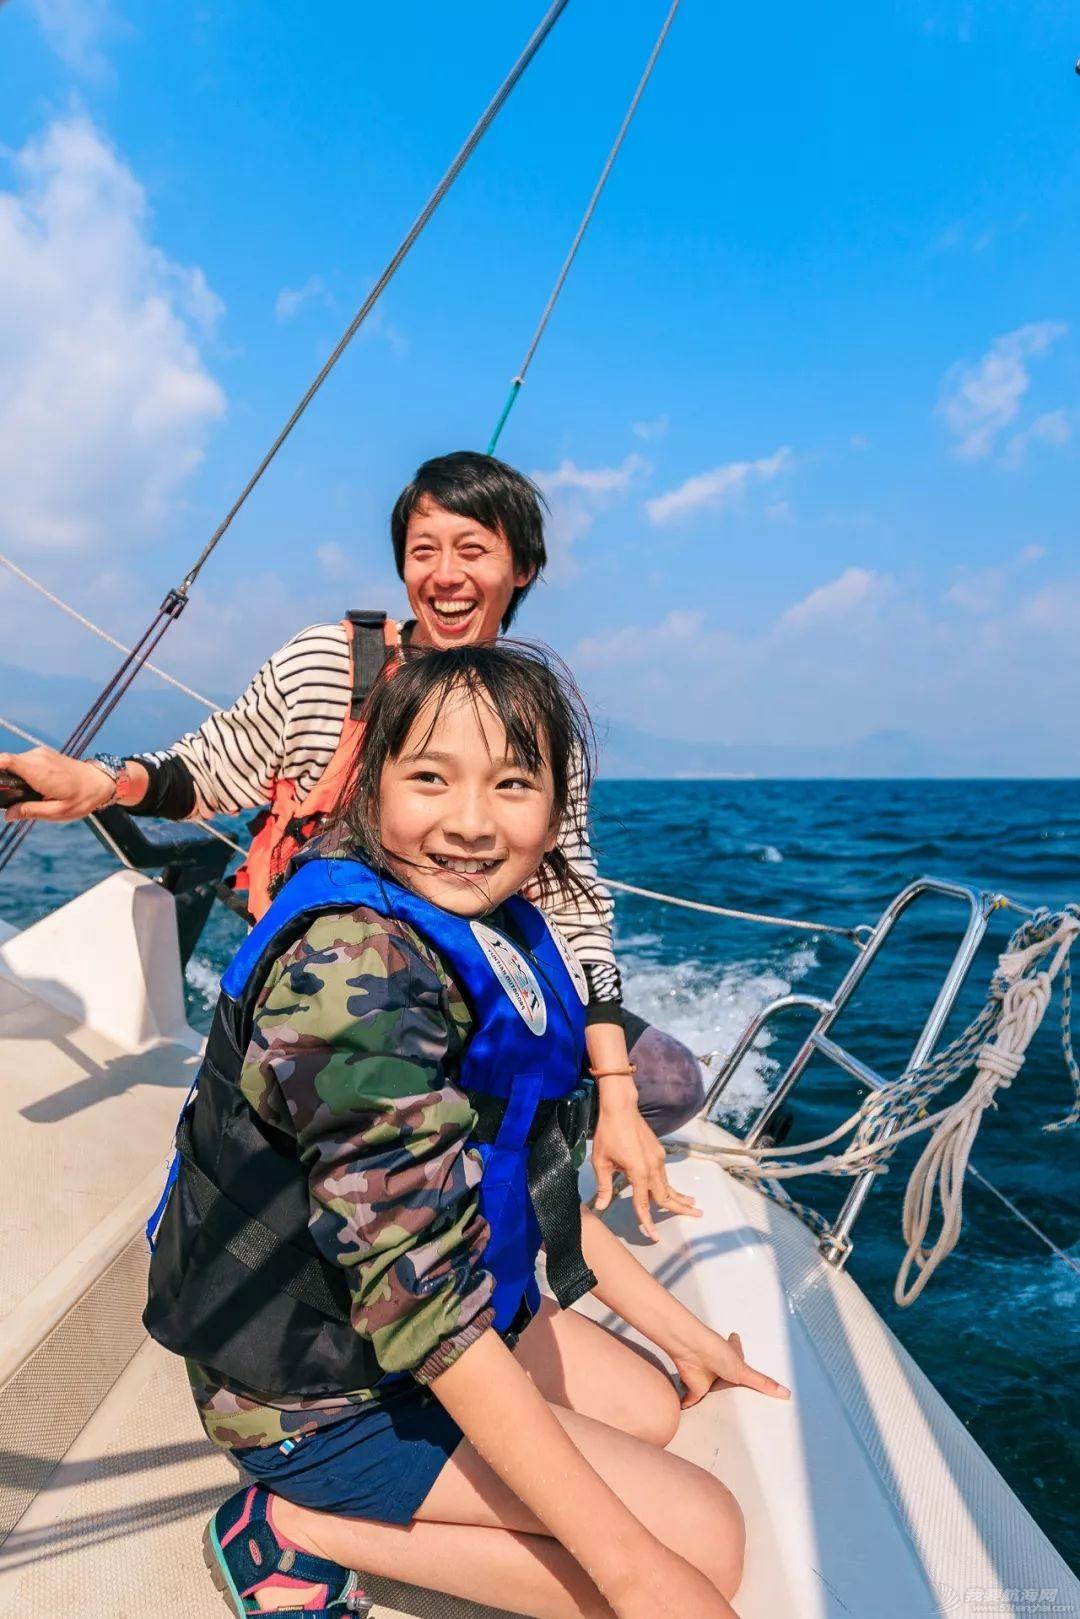 【领带航海】帆船训练营开始招募小船长啦!w11.jpg